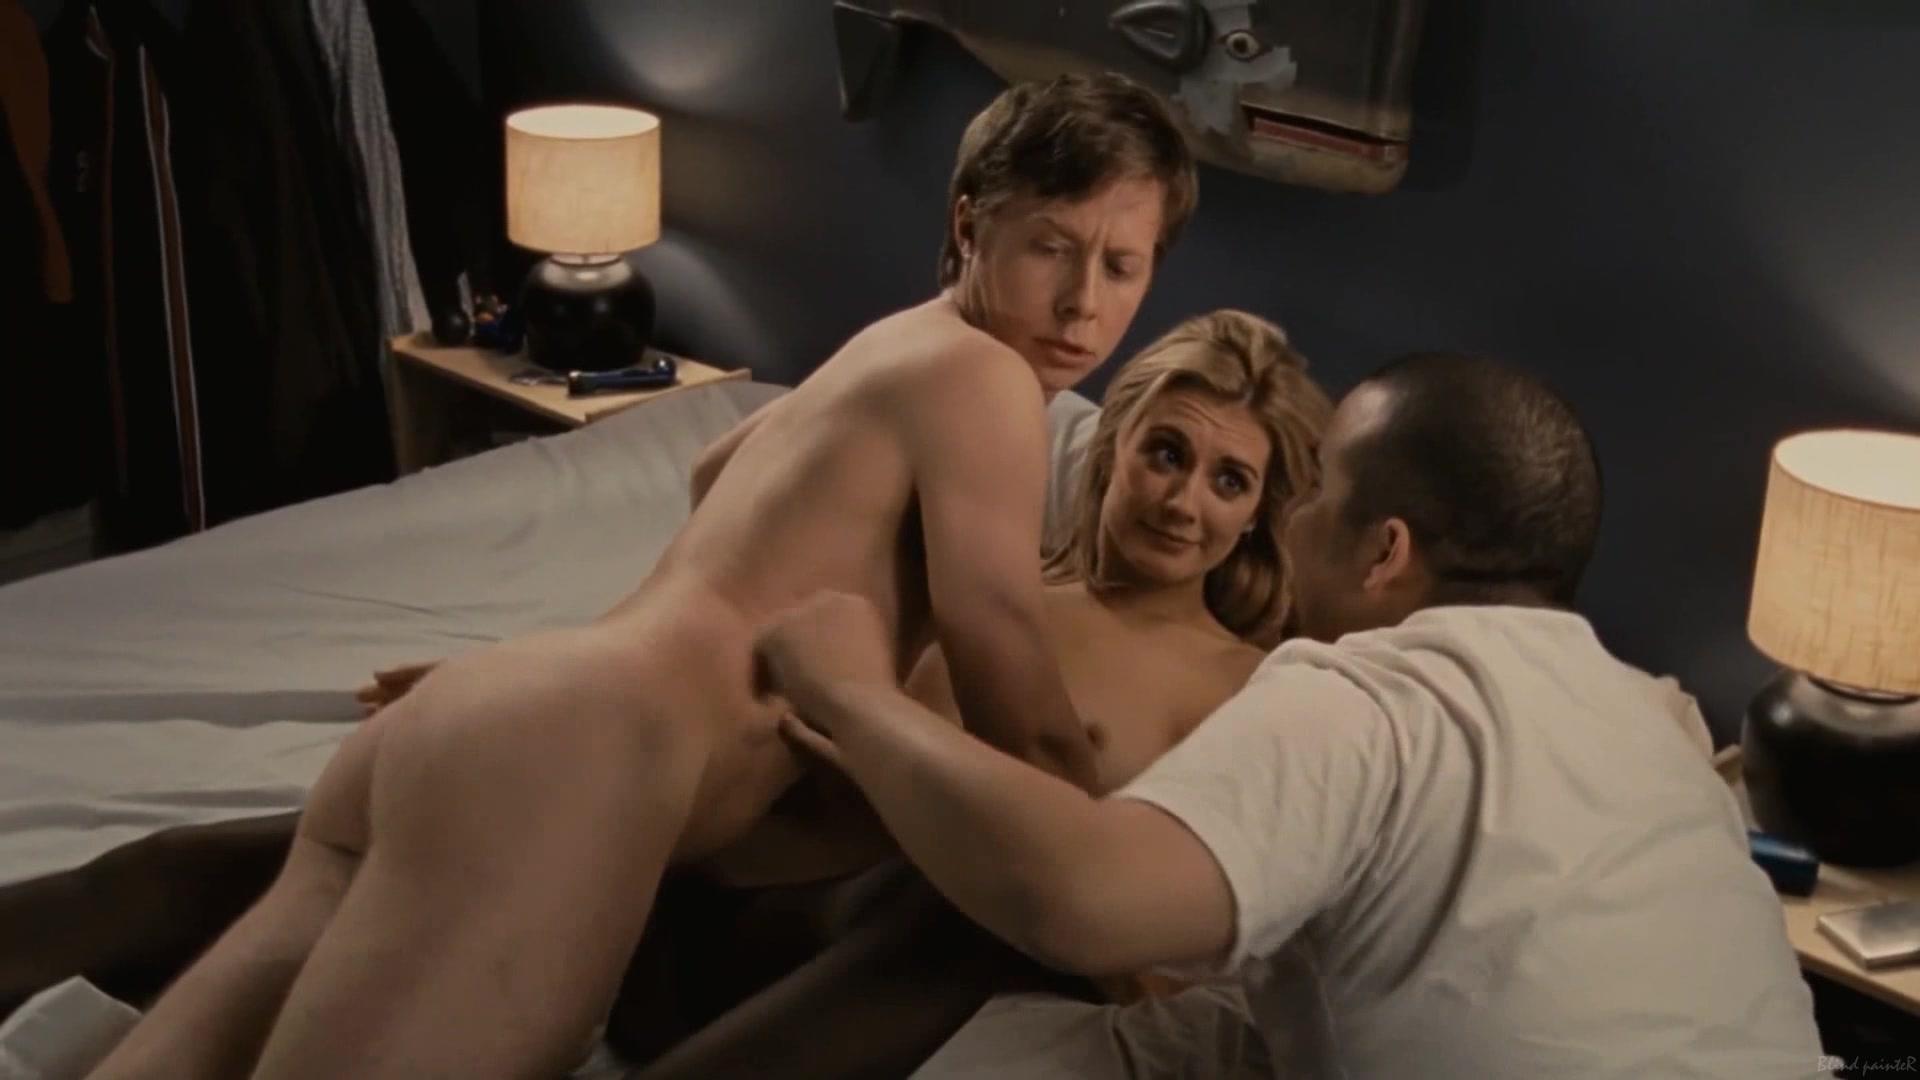 Natalie lisinska nude fucking